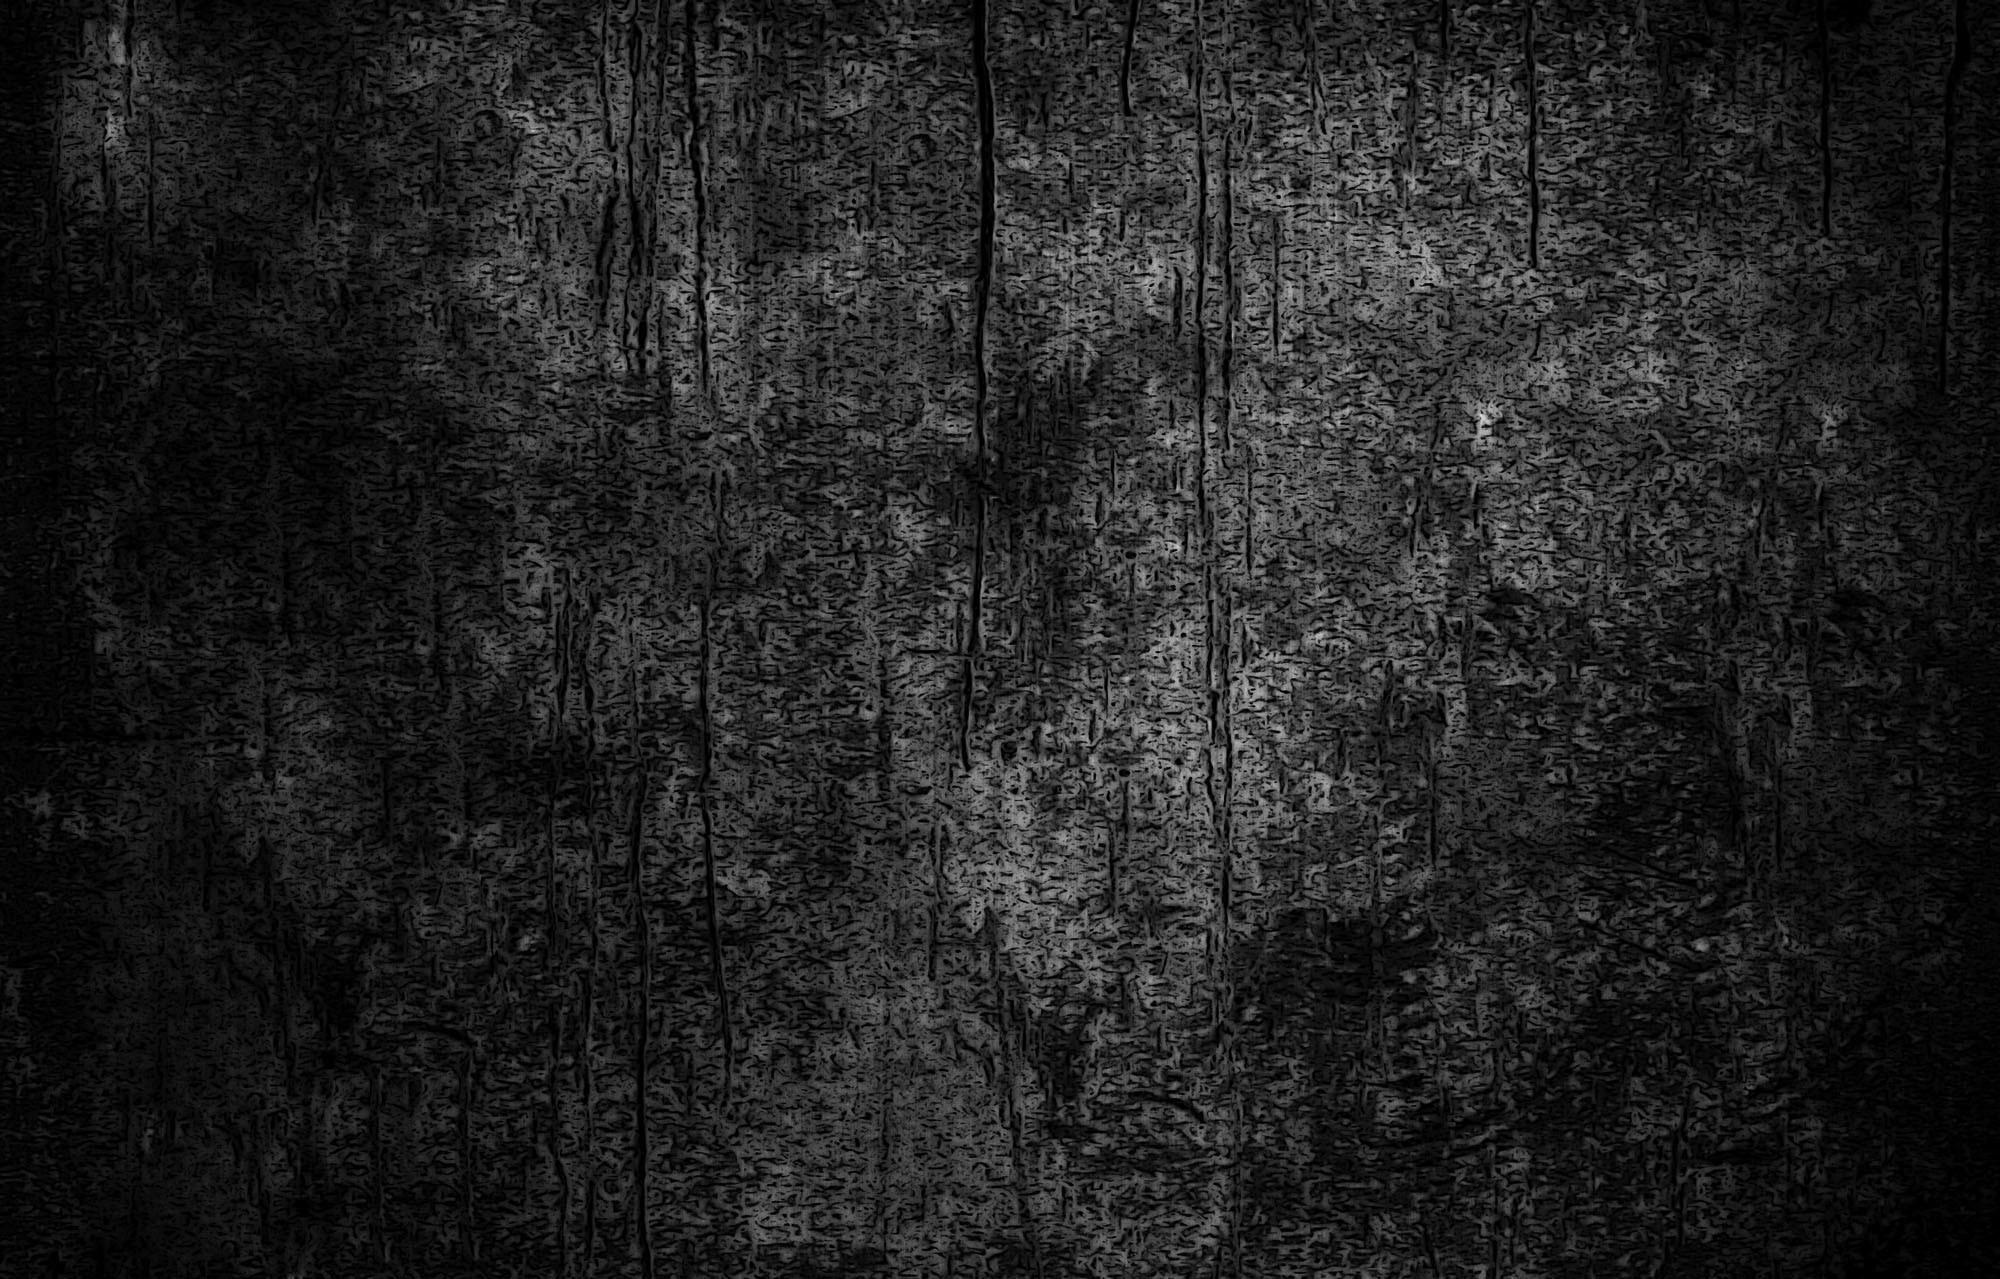 Grunge Black Background Background Gru Grunge Black · Grunge Black  Background Background gru grunge black free powerpoint background